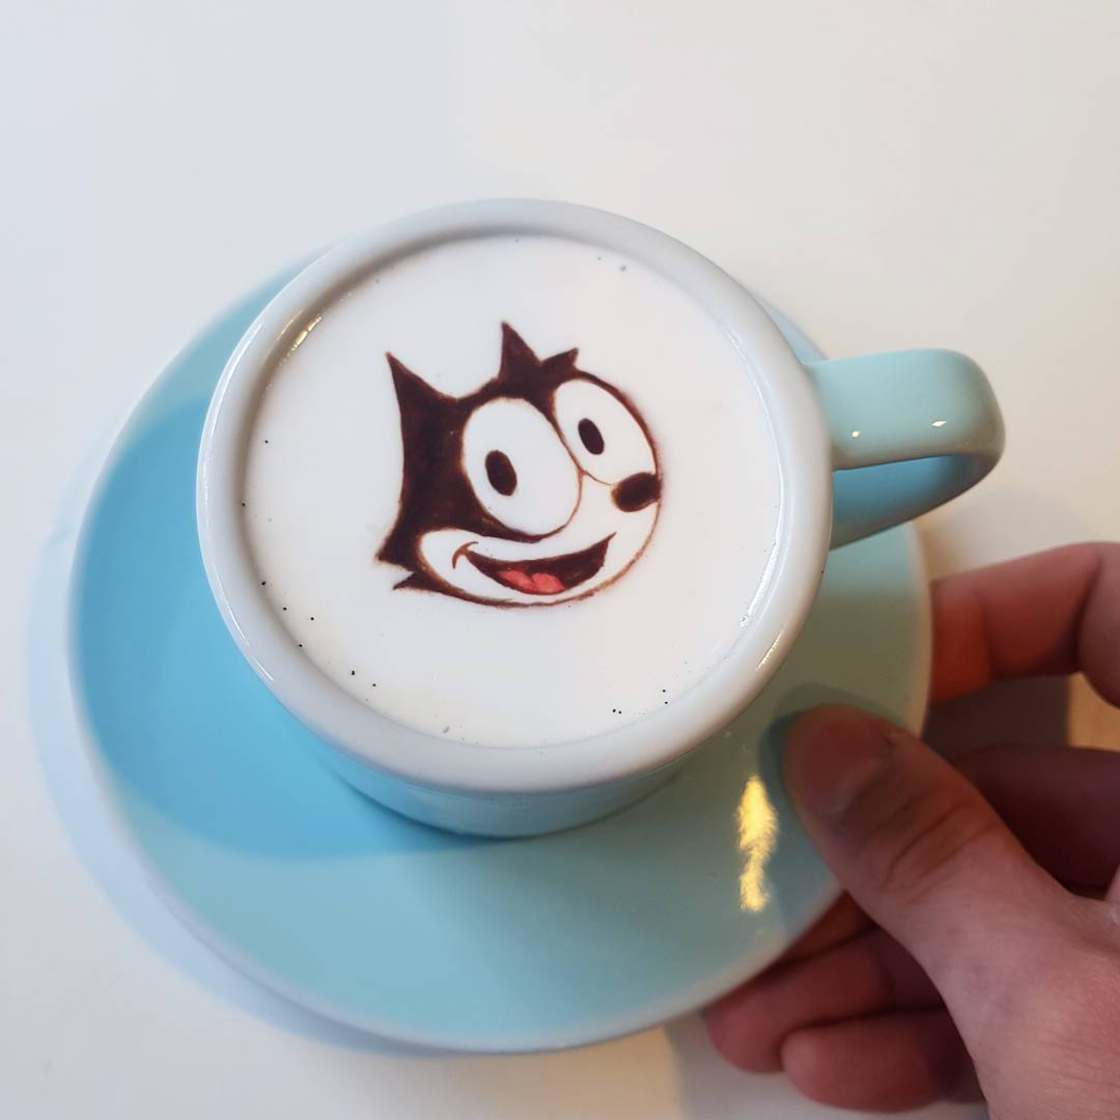 art-on-coffee-lee-kang-bin-2.jpg